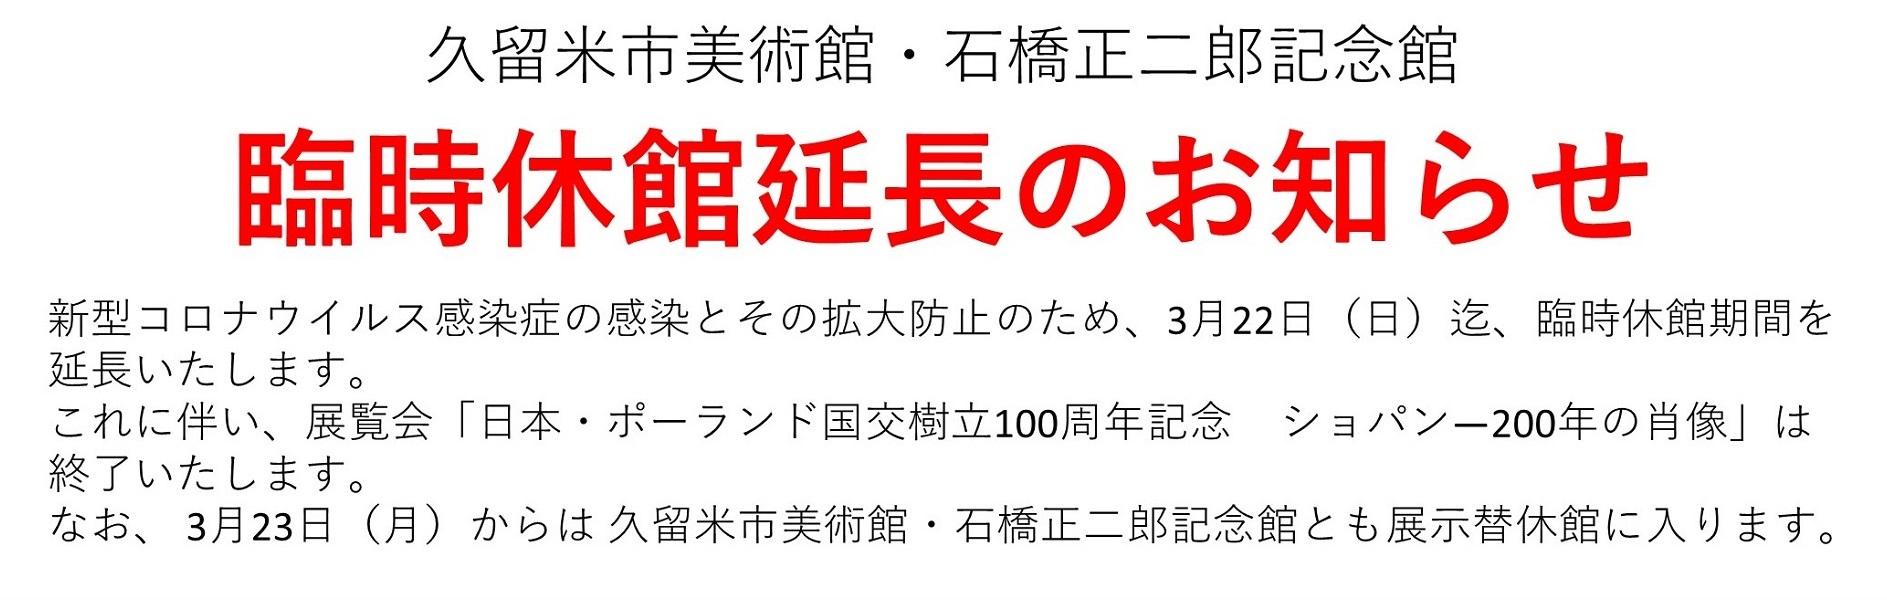 久留米市美術館・石橋正二郎記念館 臨時休館のお知らせ